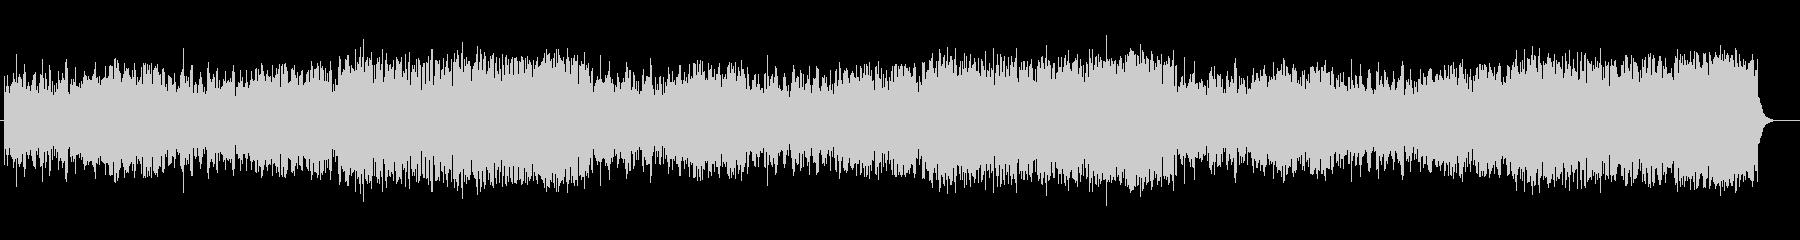 アップテンポのヒーリングミュージックの未再生の波形